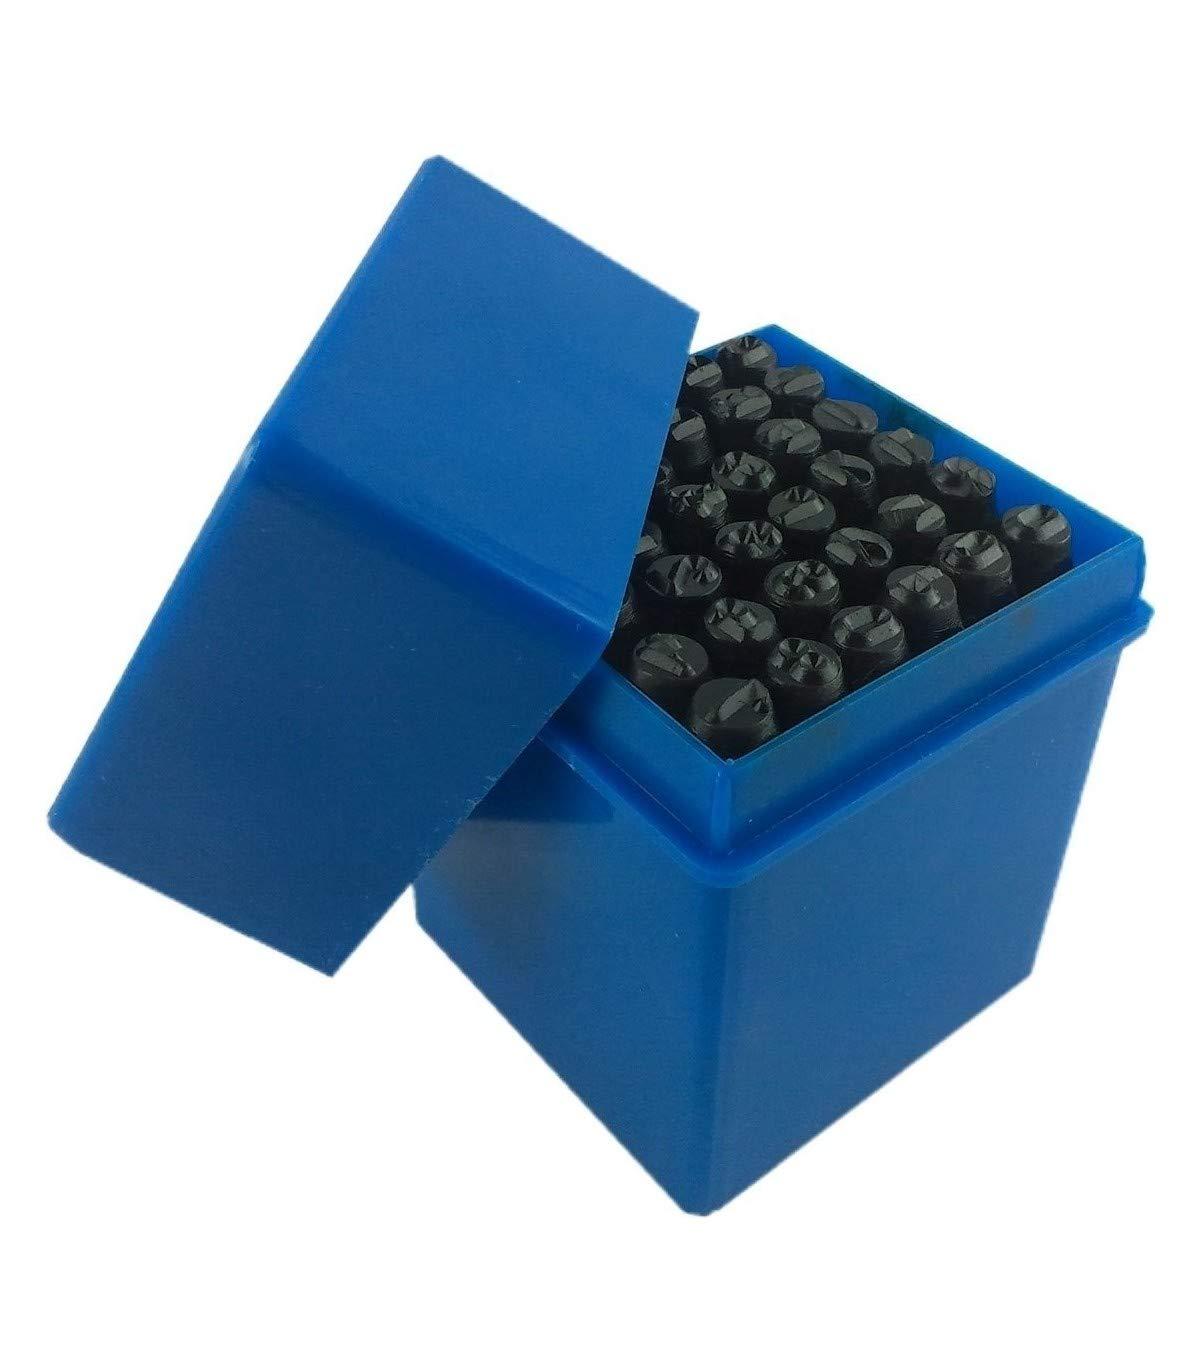 Trade Oxford –  Punzones numeratori letras + nú meros + sí mbolos & 36 piezas de 8 mm